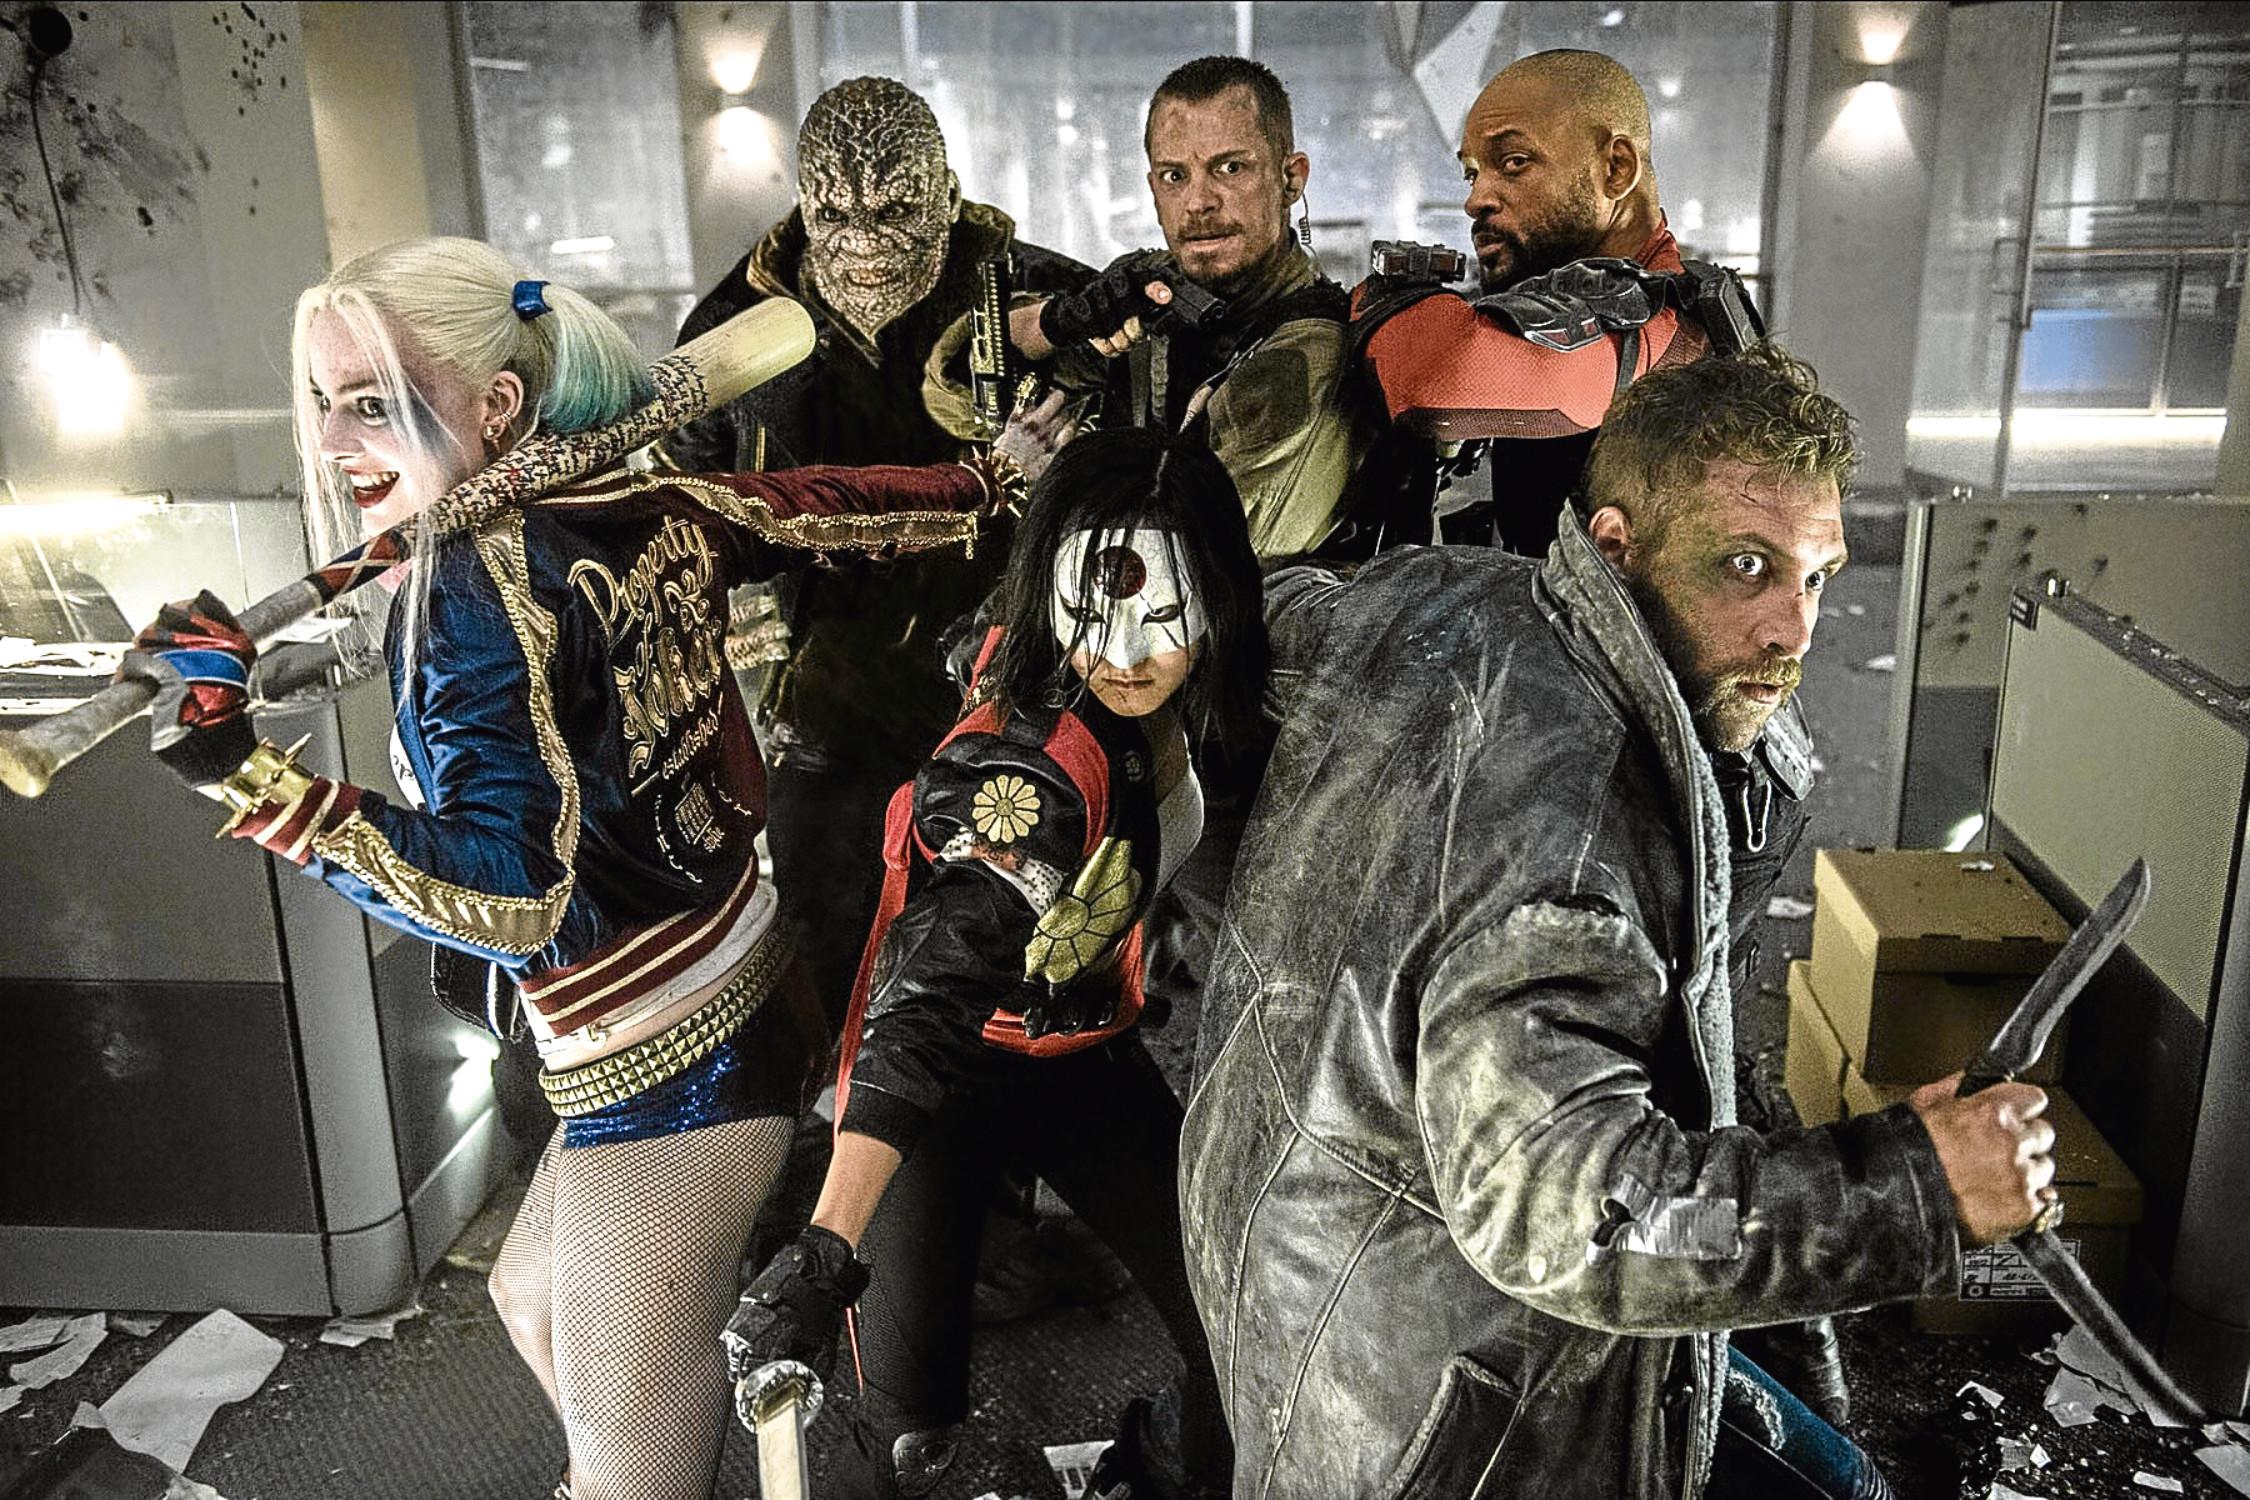 Suicide Squad (Allstar/WARNER BROS)